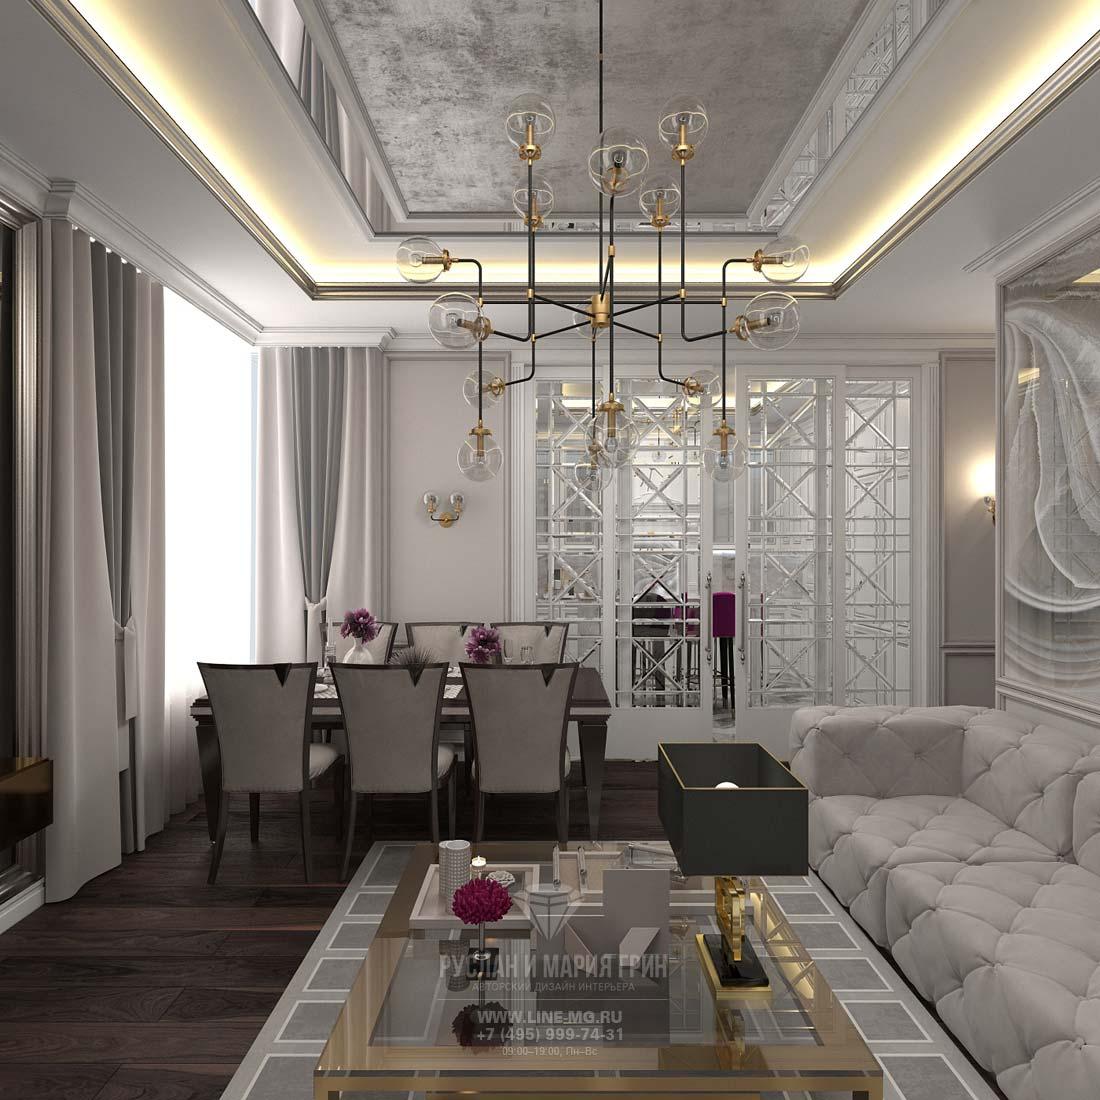 Новые идеи в интерьере и дизайна квартир фото